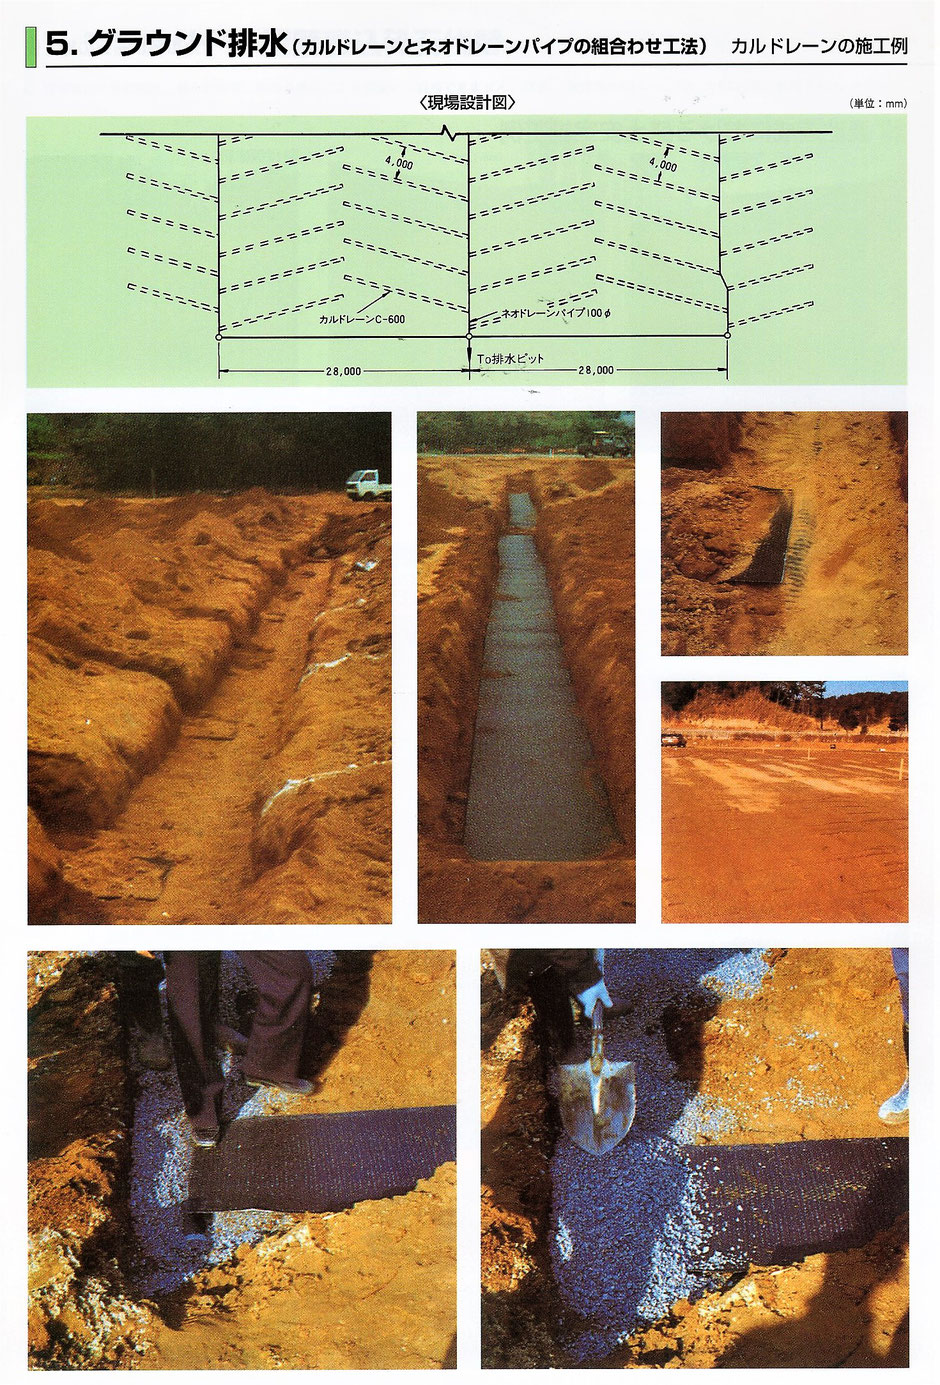 面状・板状の排水材である、【カルドレーン】をご紹介するページです。砕石を使用しないため、施工が大変楽で土木工事の工期短縮や用地巾の節減により、コストダウンを可能とします。